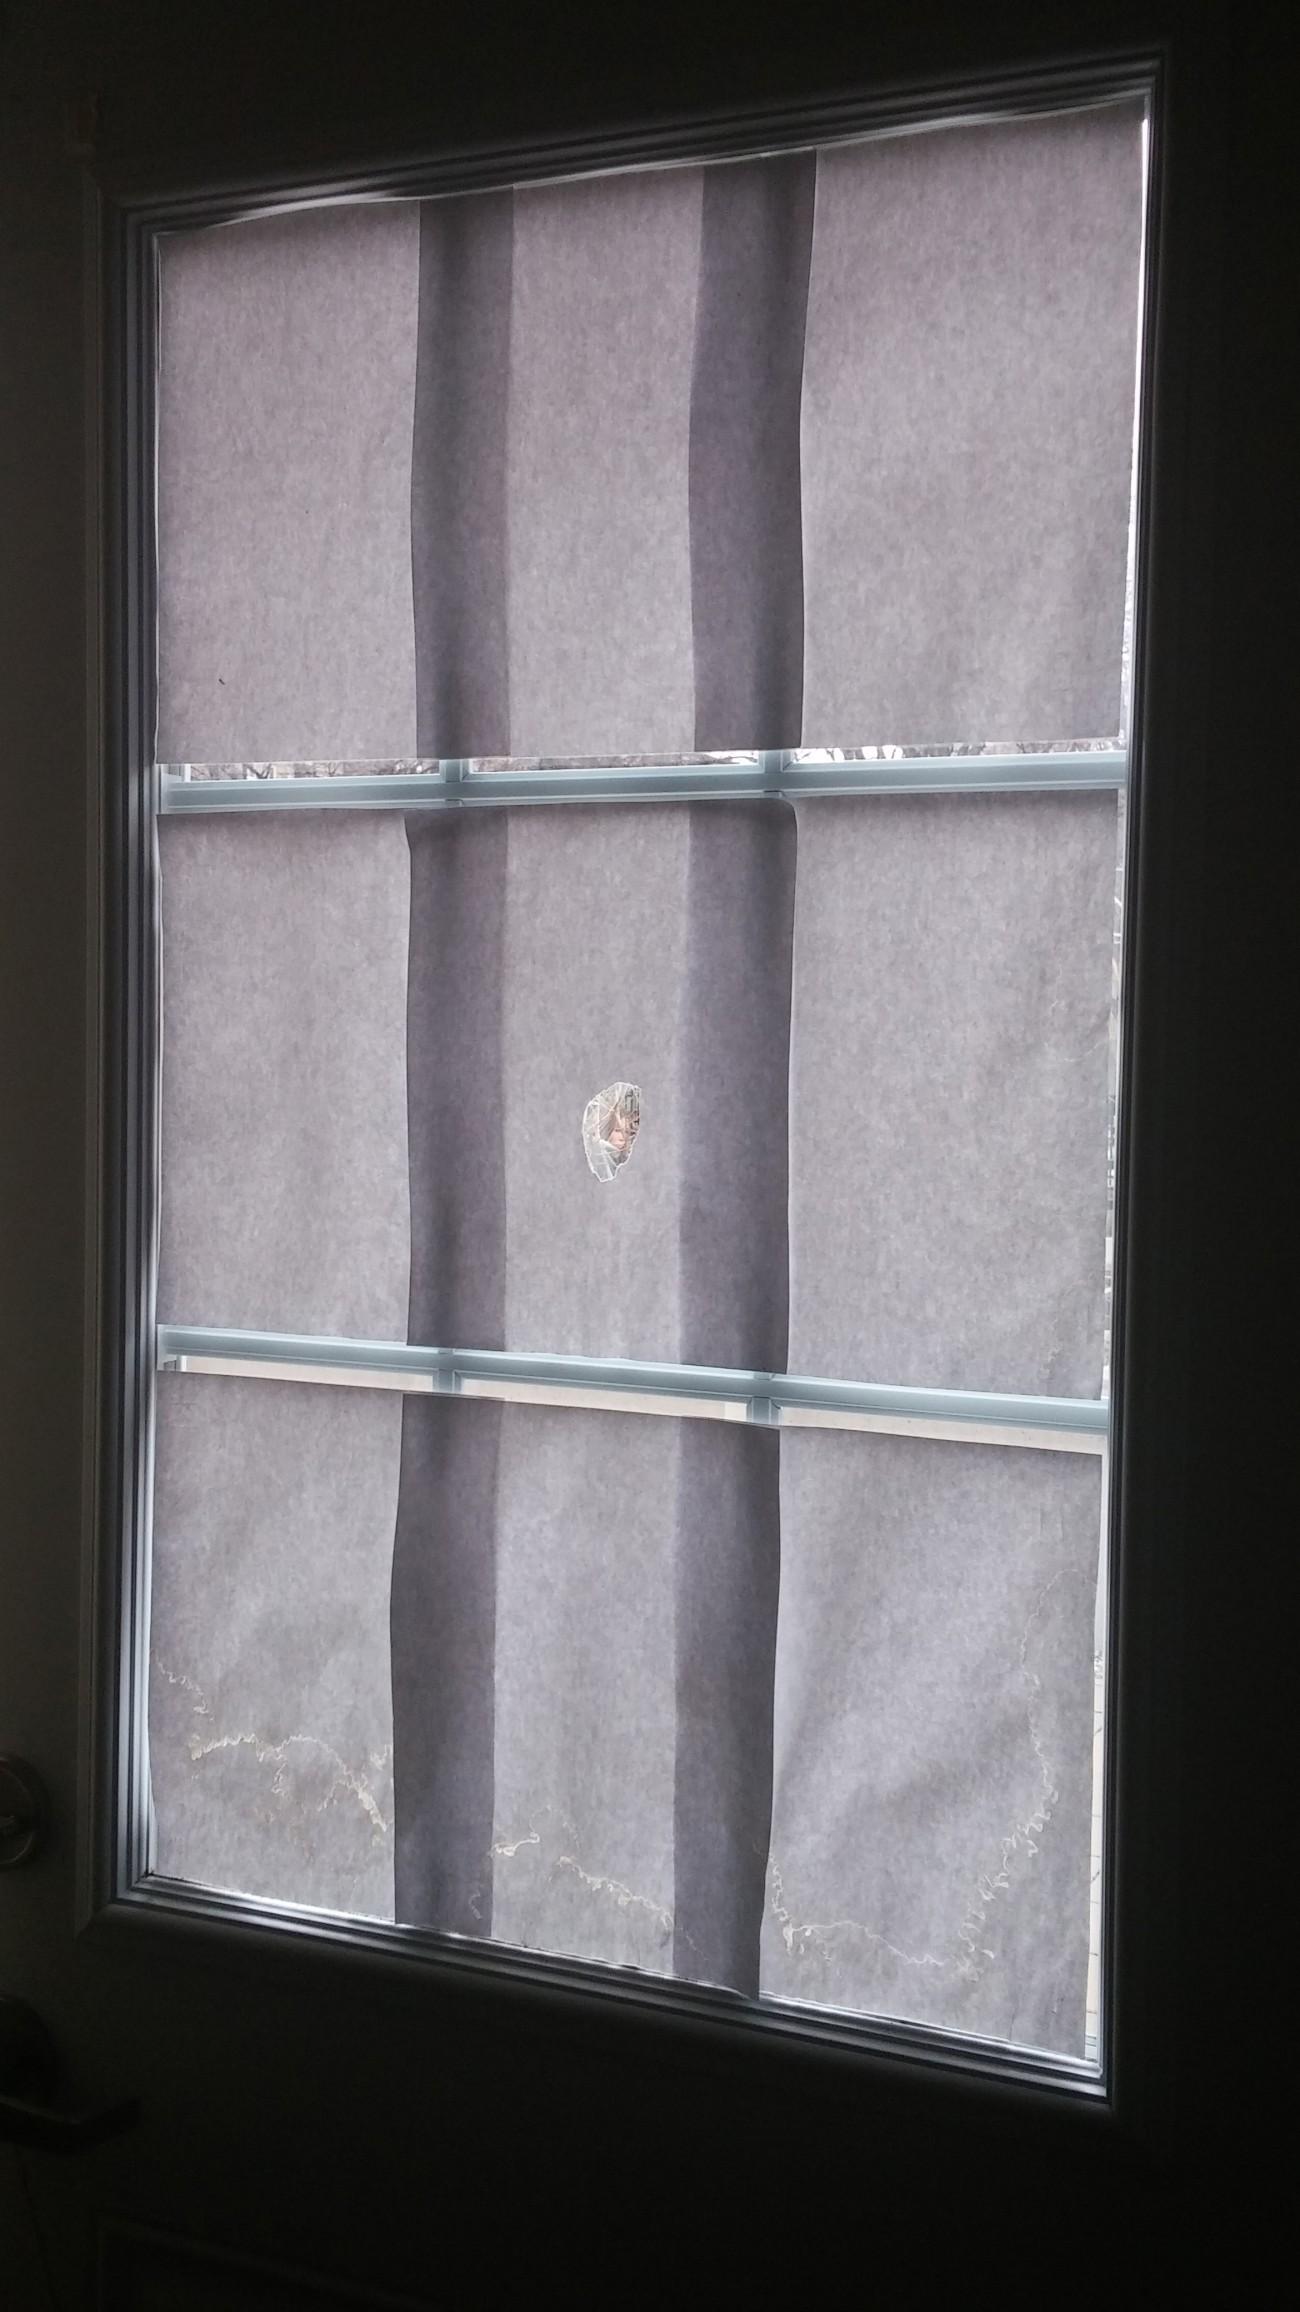 Steve Giasson. Performance invisible n° 29 (Épier quelqu'un ou quelque chose de sa fenêtre.) Performeur : Angel Ezequiel Lopez-Herrera. Crédit photographique : Angel Ezequiel Lopez-Herrera. 12 avril 2016.